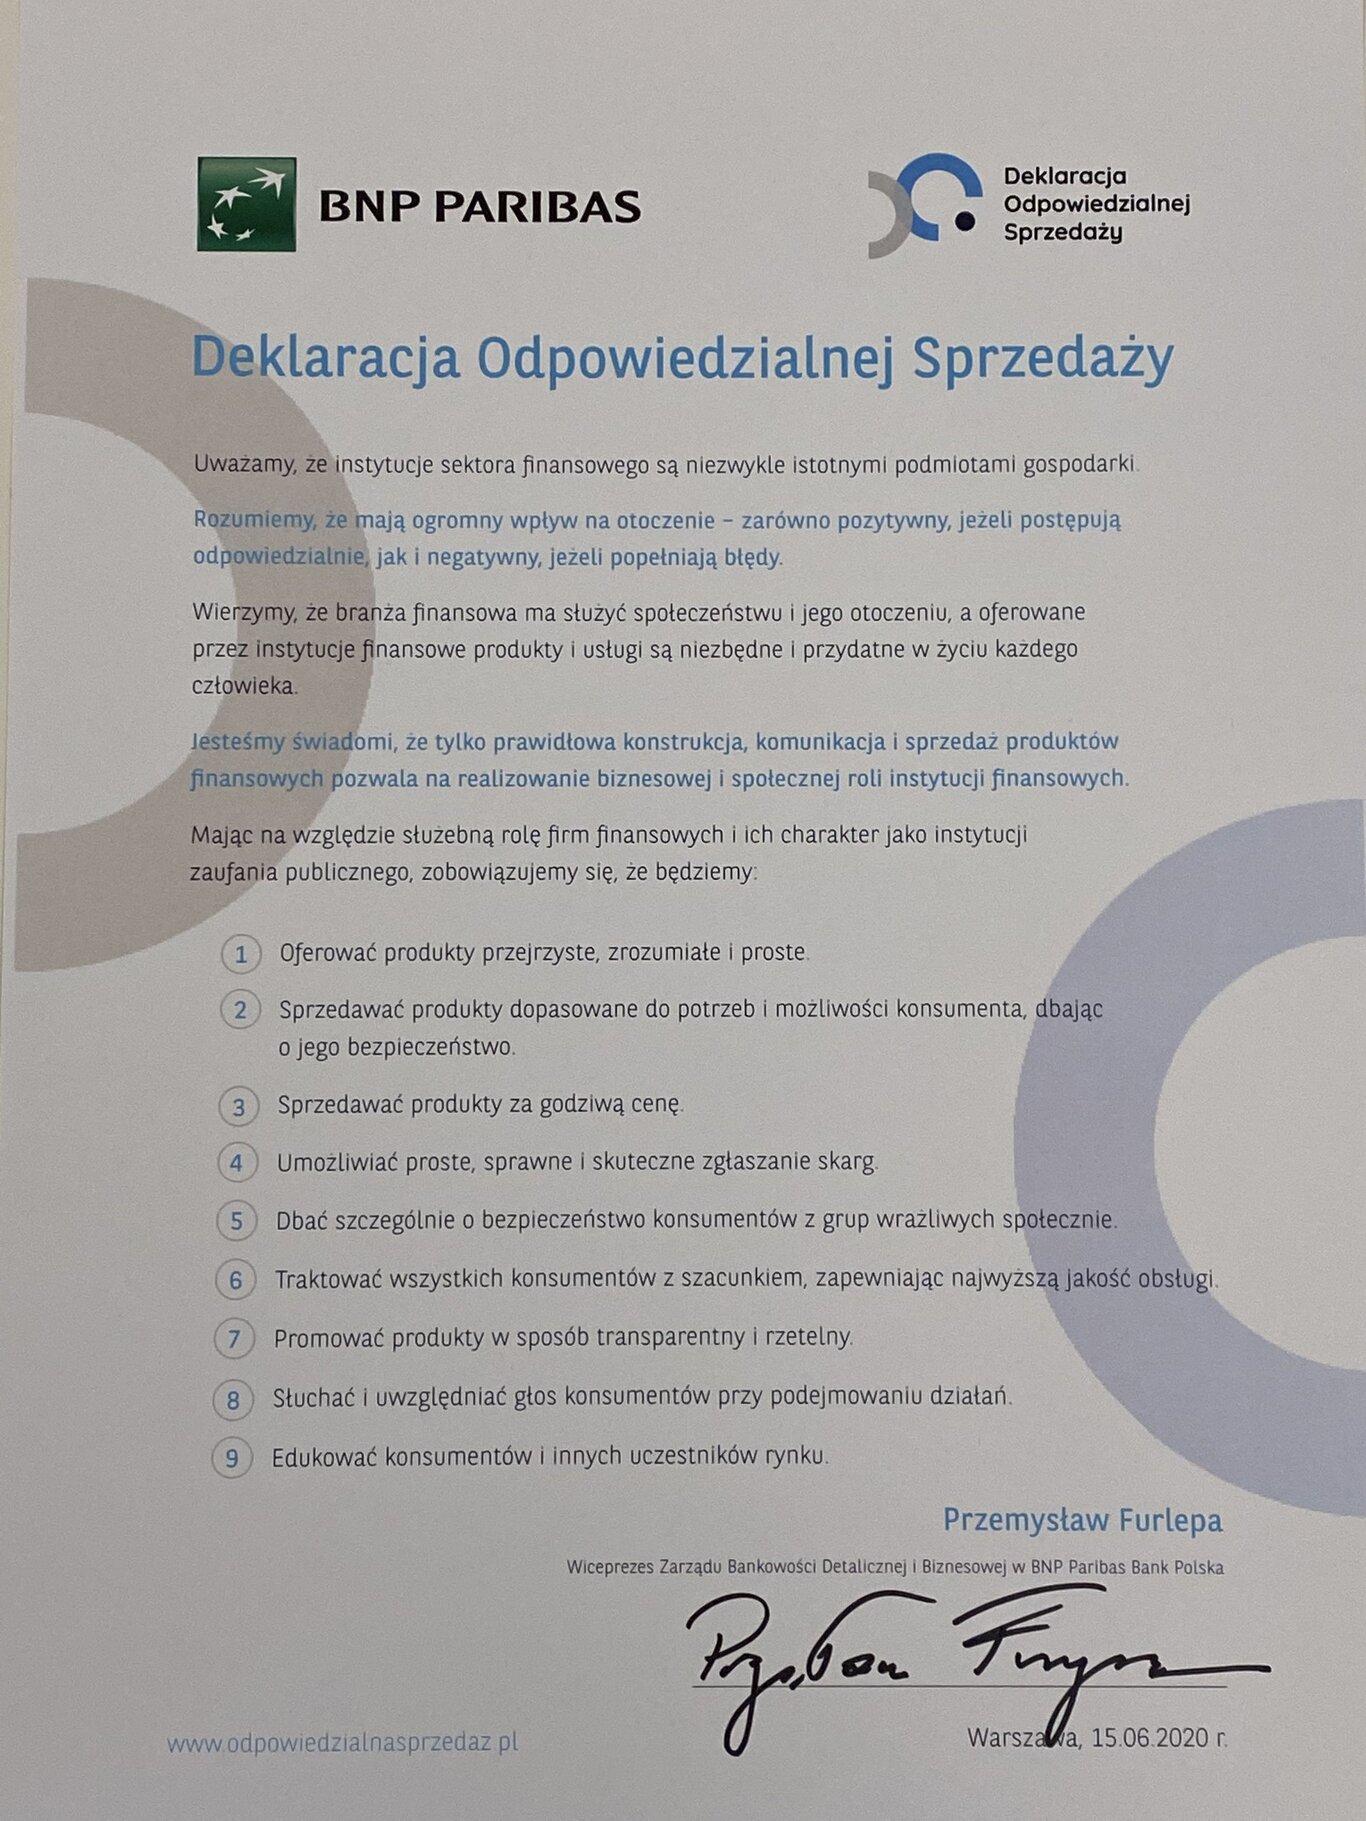 Firmy z sektora finansowego zostały sygnatariuszami Deklaracji Odpowiedzialnej Sprzedaży